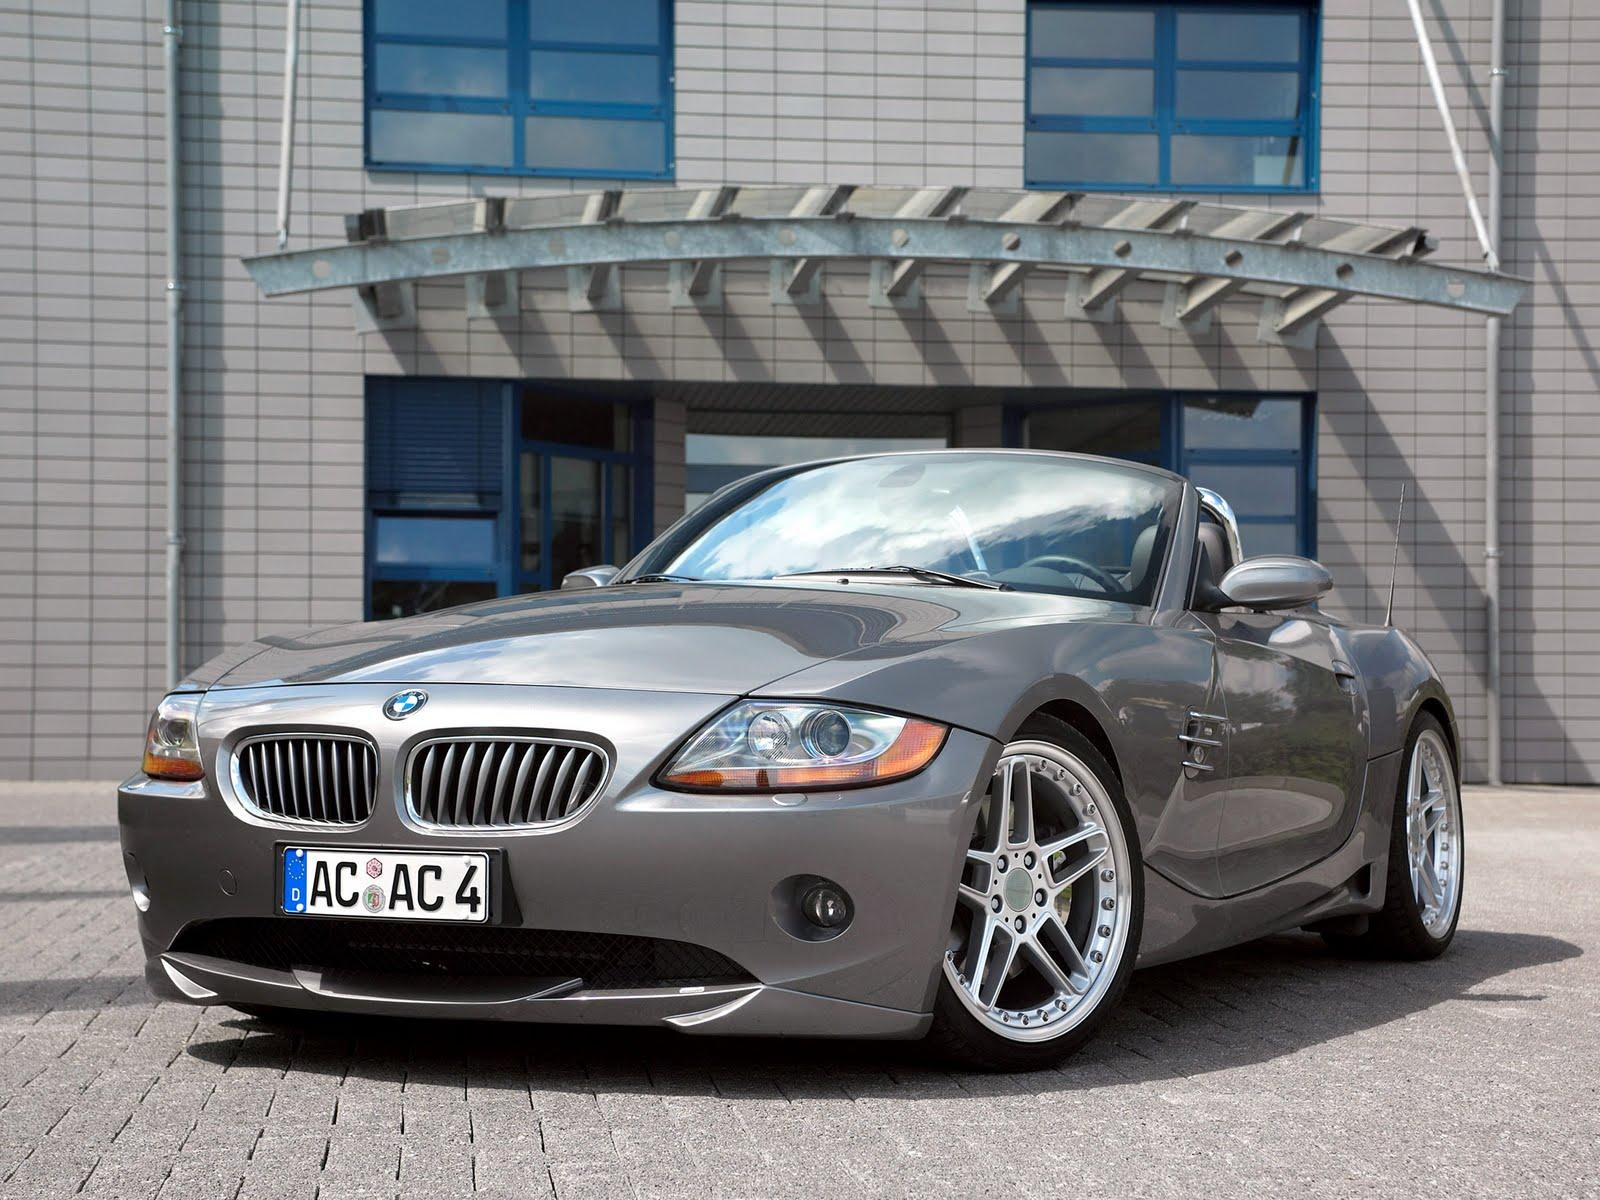 http://2.bp.blogspot.com/-vgDvQn-N5Cc/Tg_nfii66UI/AAAAAAAAF-8/NTjRxd-m7oI/s1600/BMW%2B-%2BZ4%2BC30%2B-%2Bac_schnitzer_acs4_roadster_5.jpg